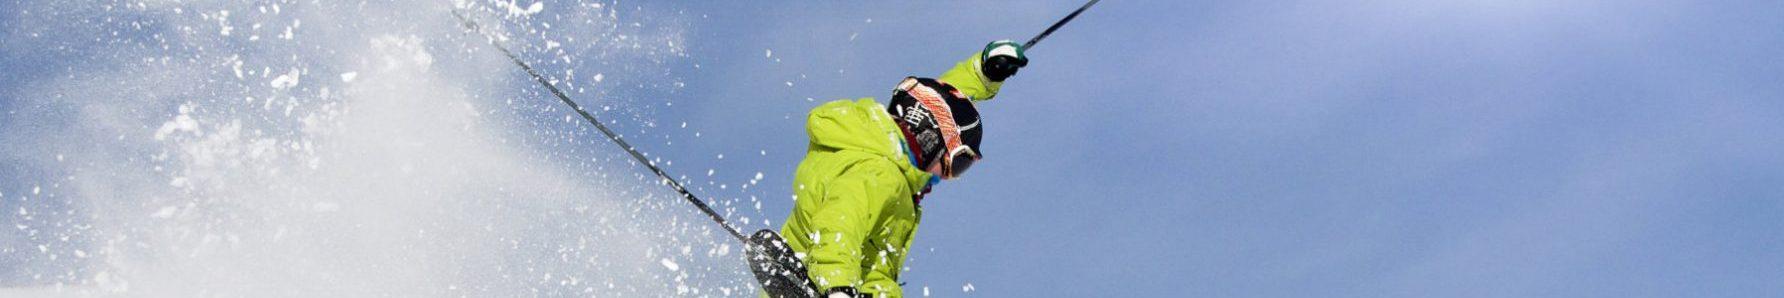 Bezpieczna jazda na nartach, czyli jak przygotować się do sezonu sportów zimowych